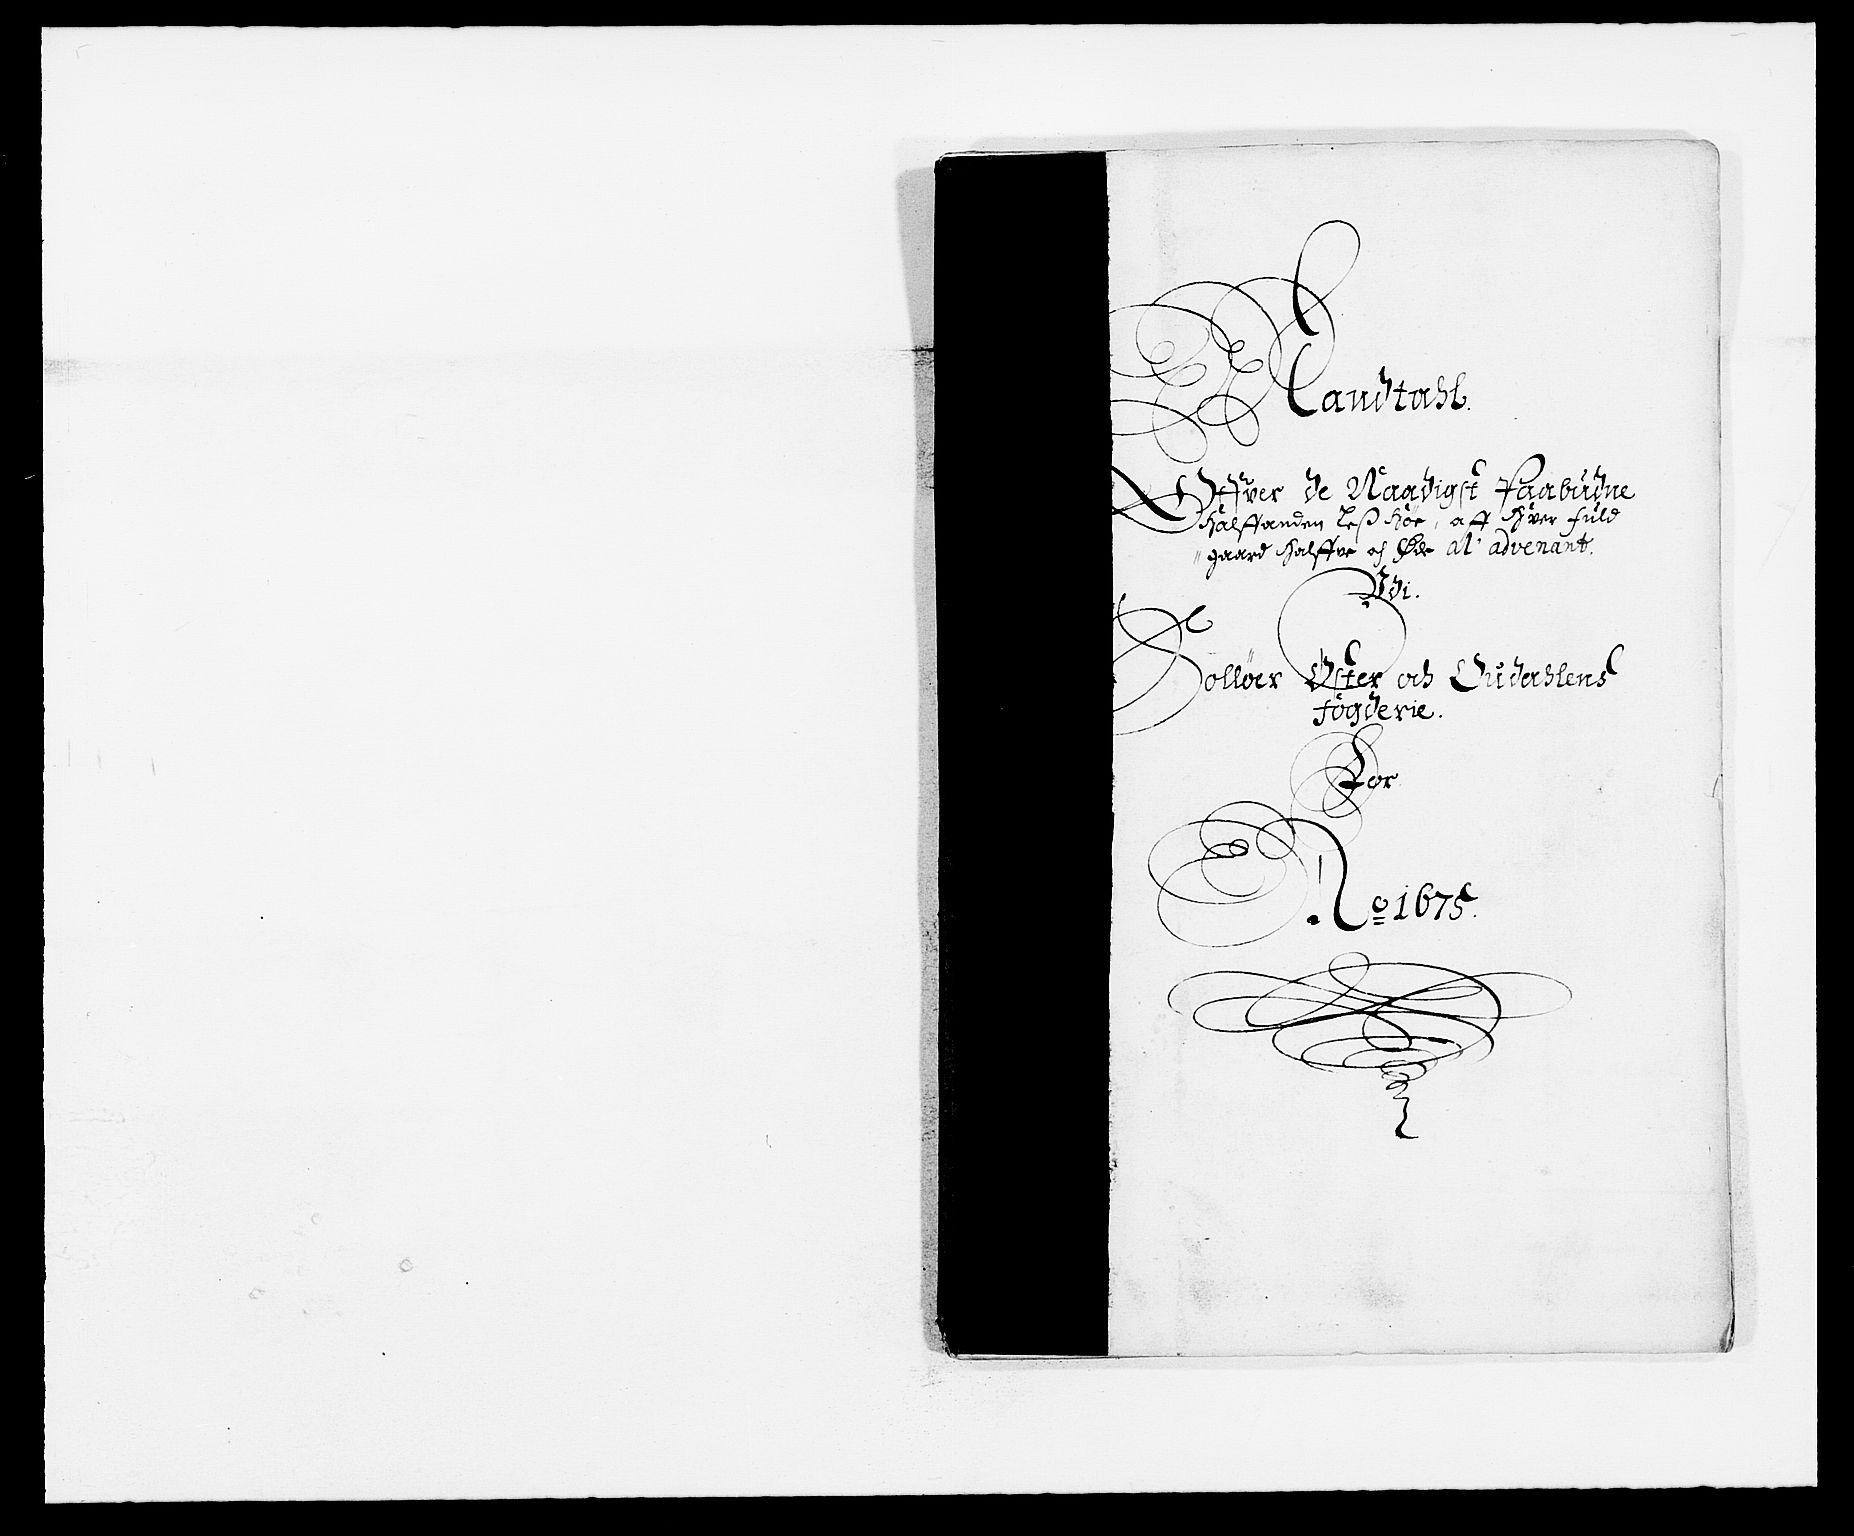 RA, Rentekammeret inntil 1814, Reviderte regnskaper, Fogderegnskap, R13/L0810: Fogderegnskap Solør, Odal og Østerdal, 1675, s. 52